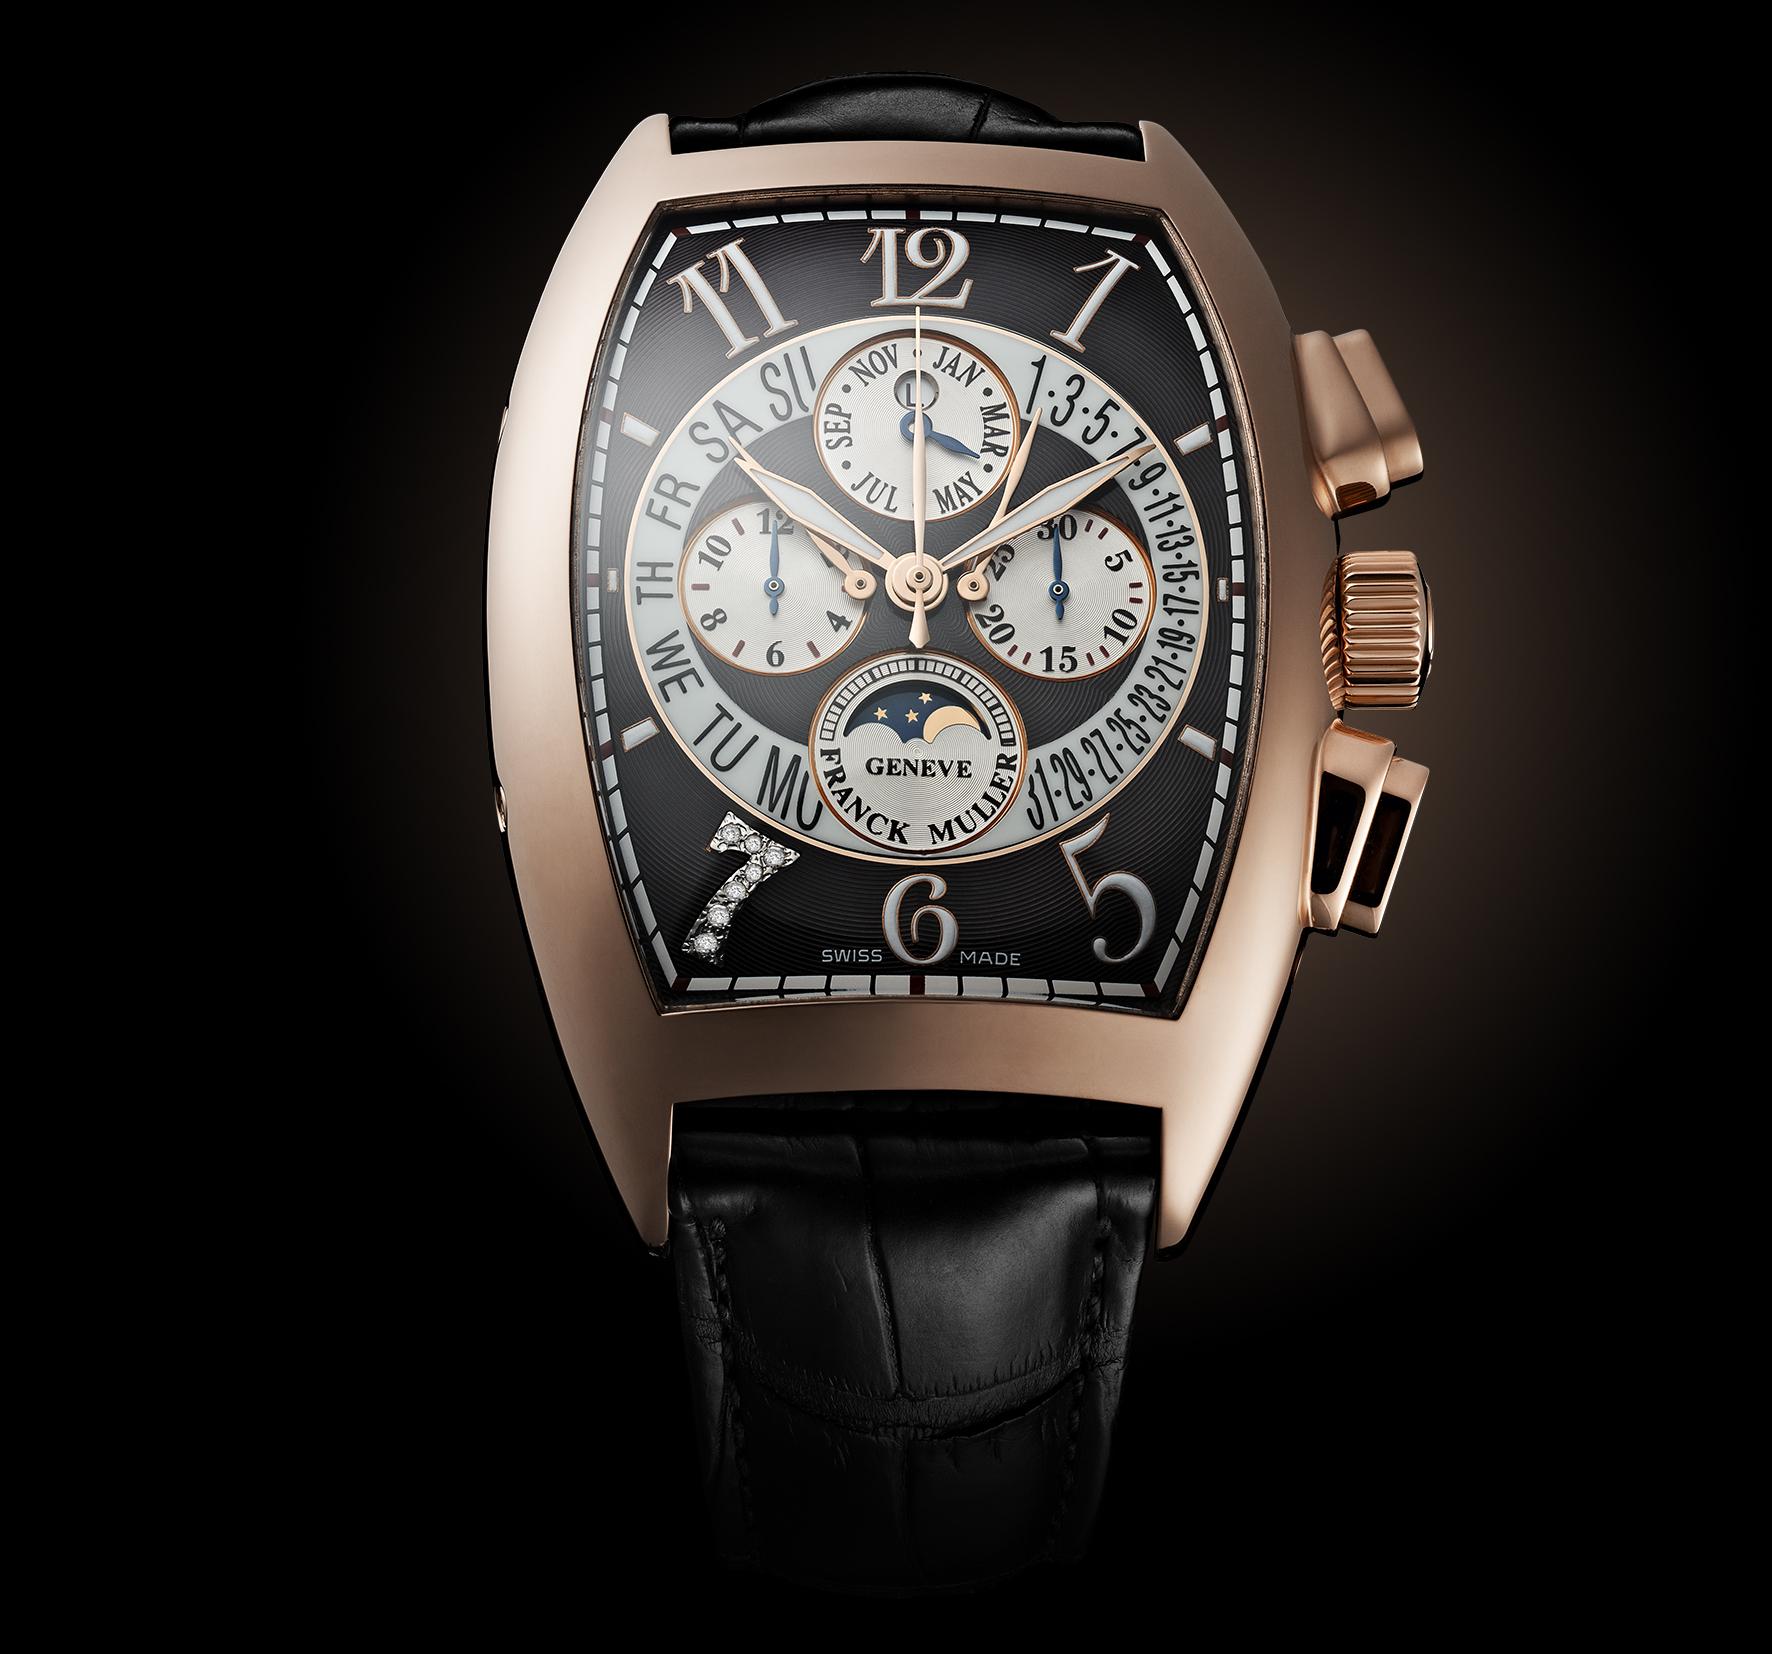 Franck+Muller+Unique+Piece+Cristiano+Ronaldo+Timepiece.jpg